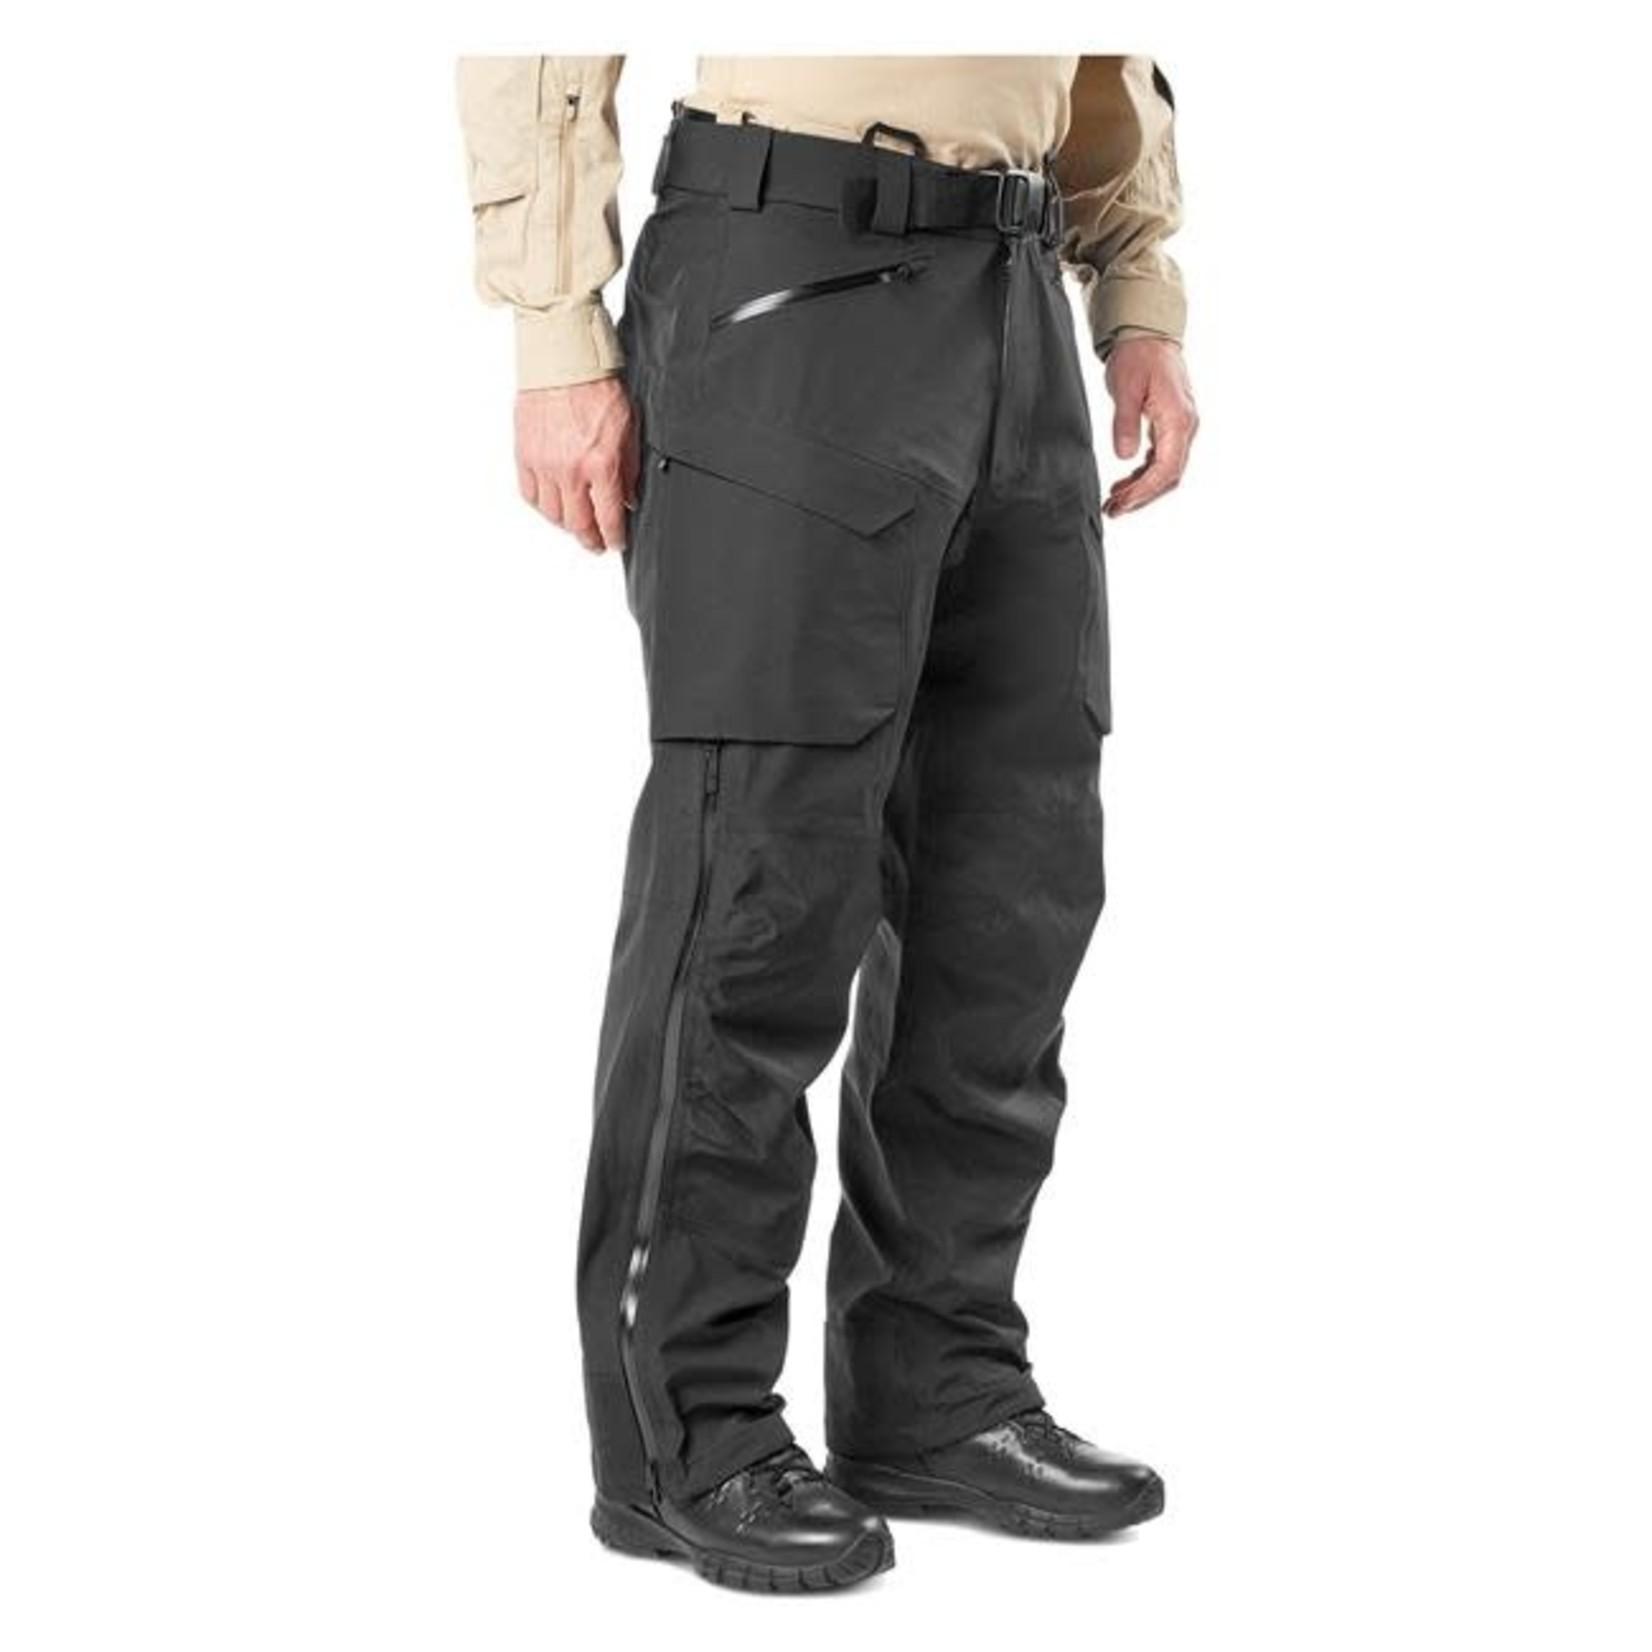 5.11 Tactical 5.11 Men's Xprt Waterproof Pant-Black- Meduim